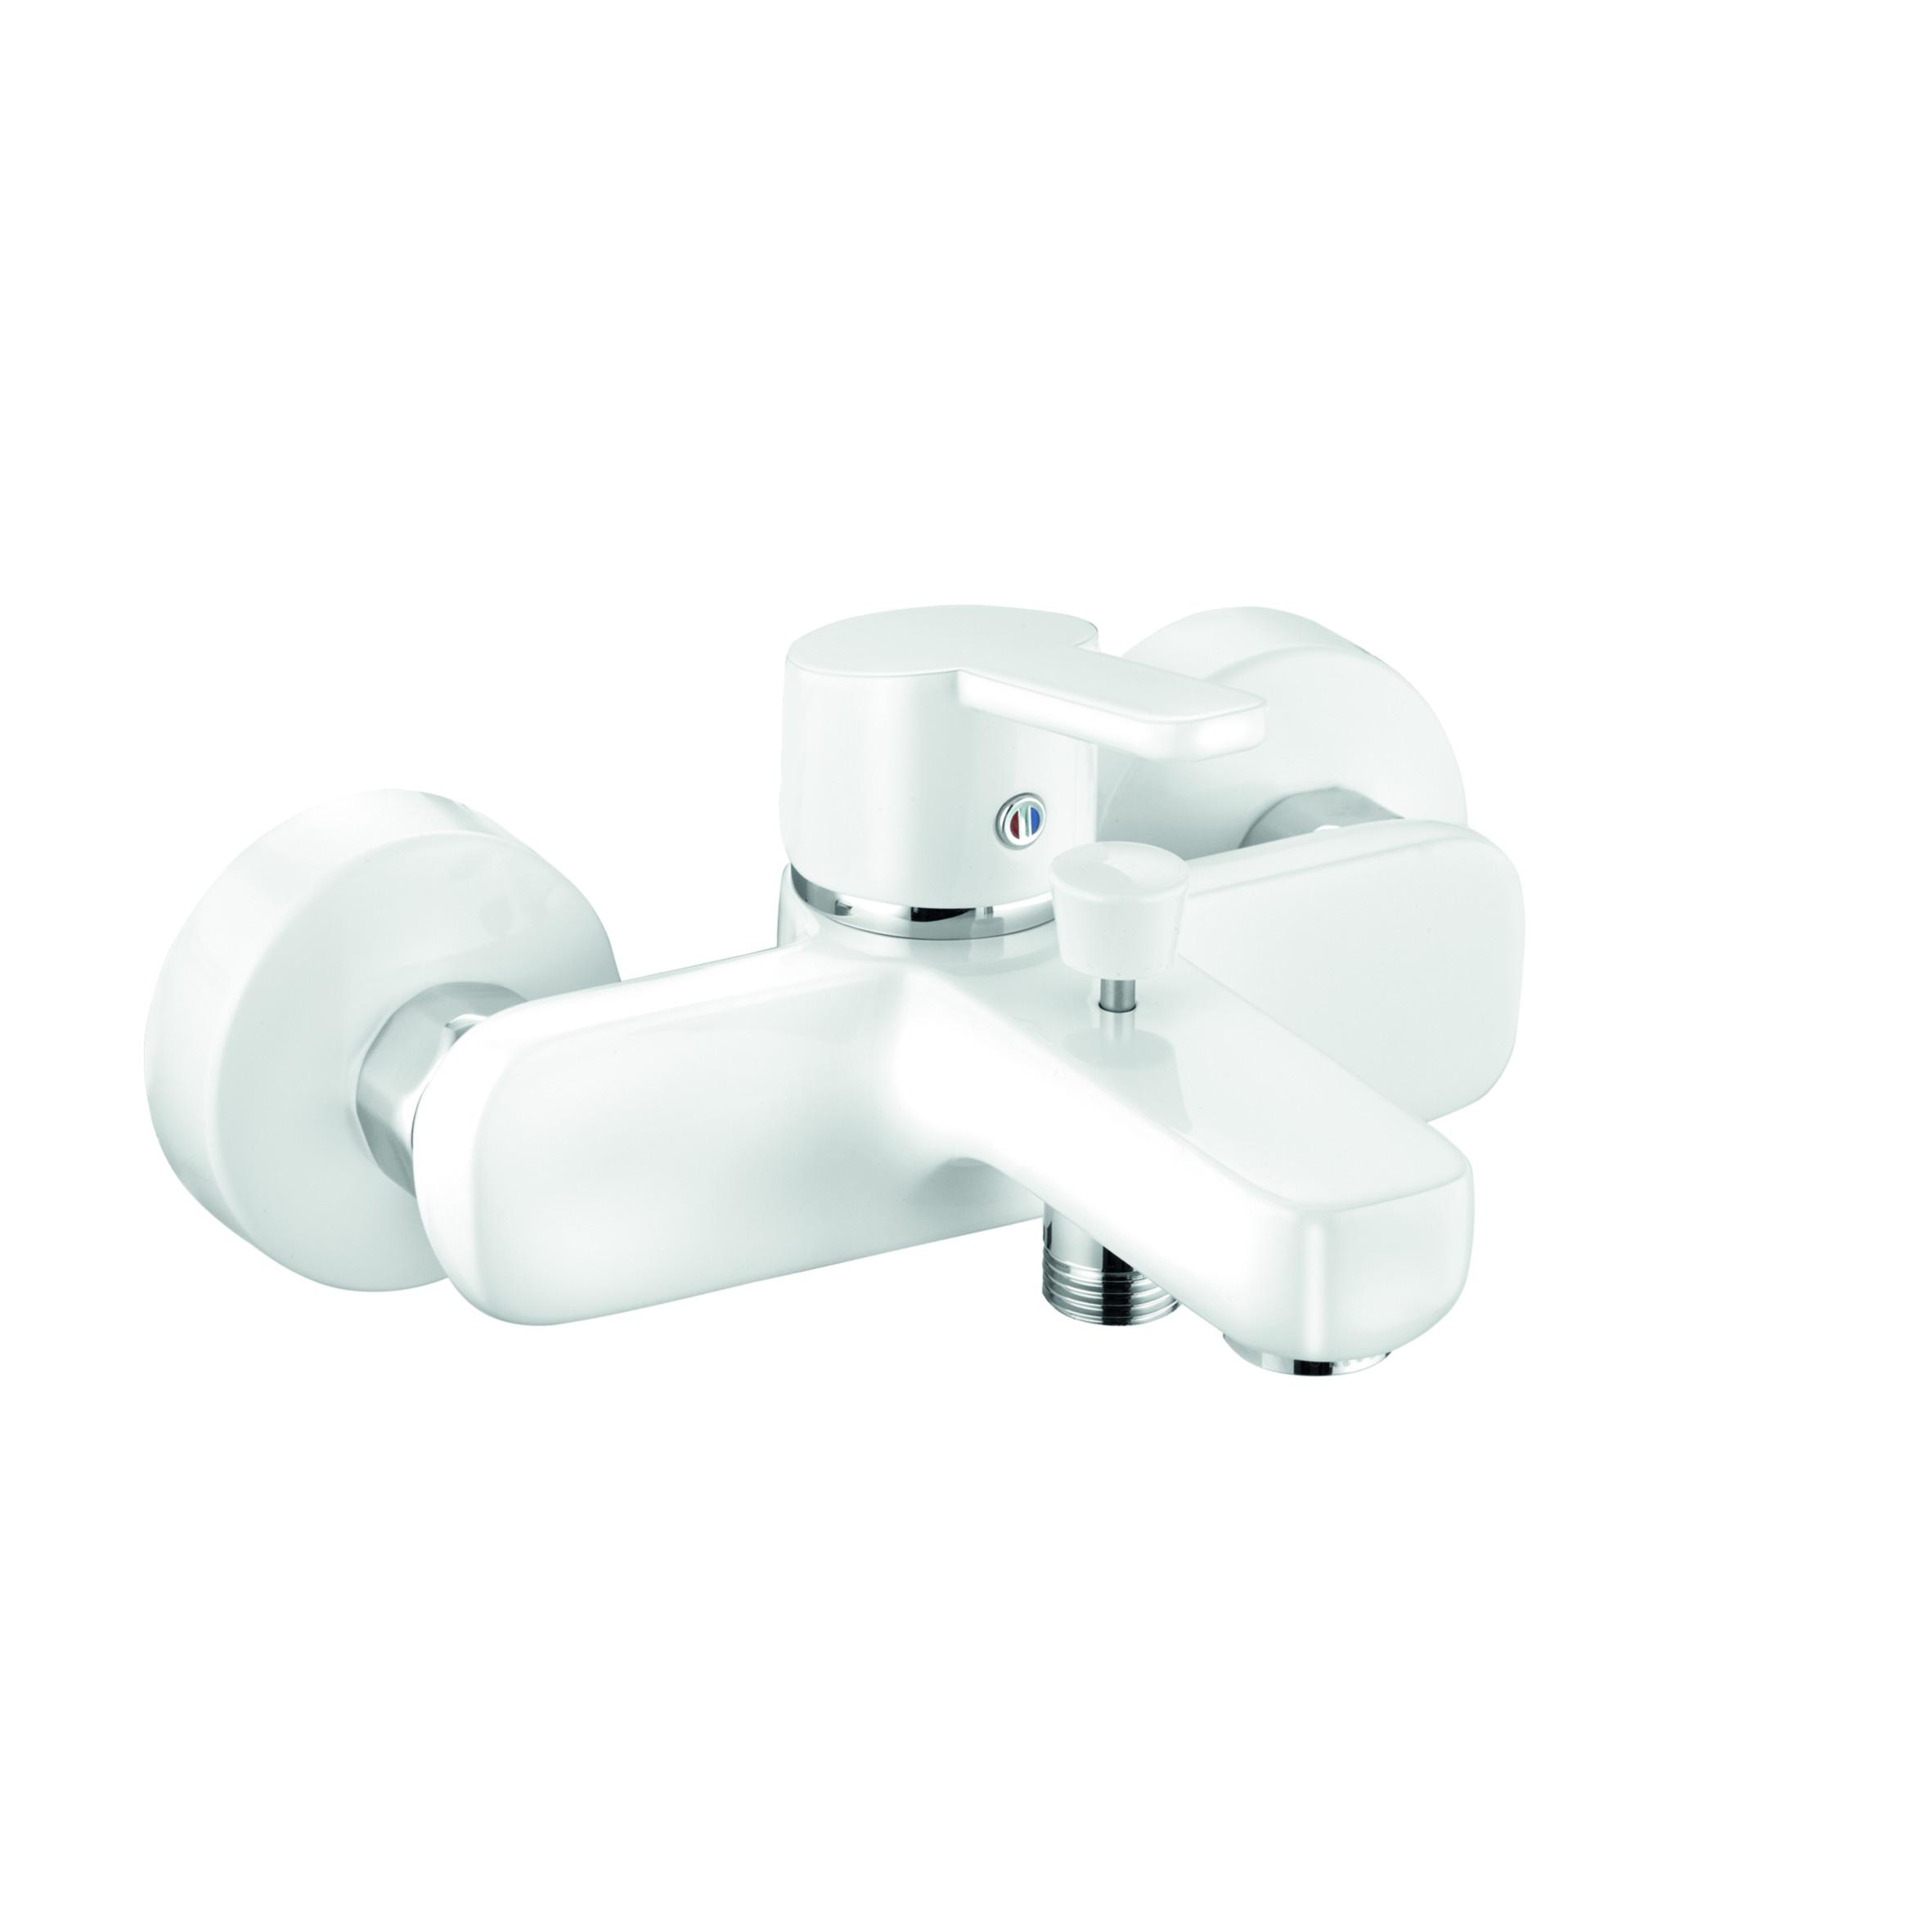 Смеситель для ванны с душем Kludi Logo neo 376819175 смеситель для ванны kludi logo neo внутренний механизм 38625